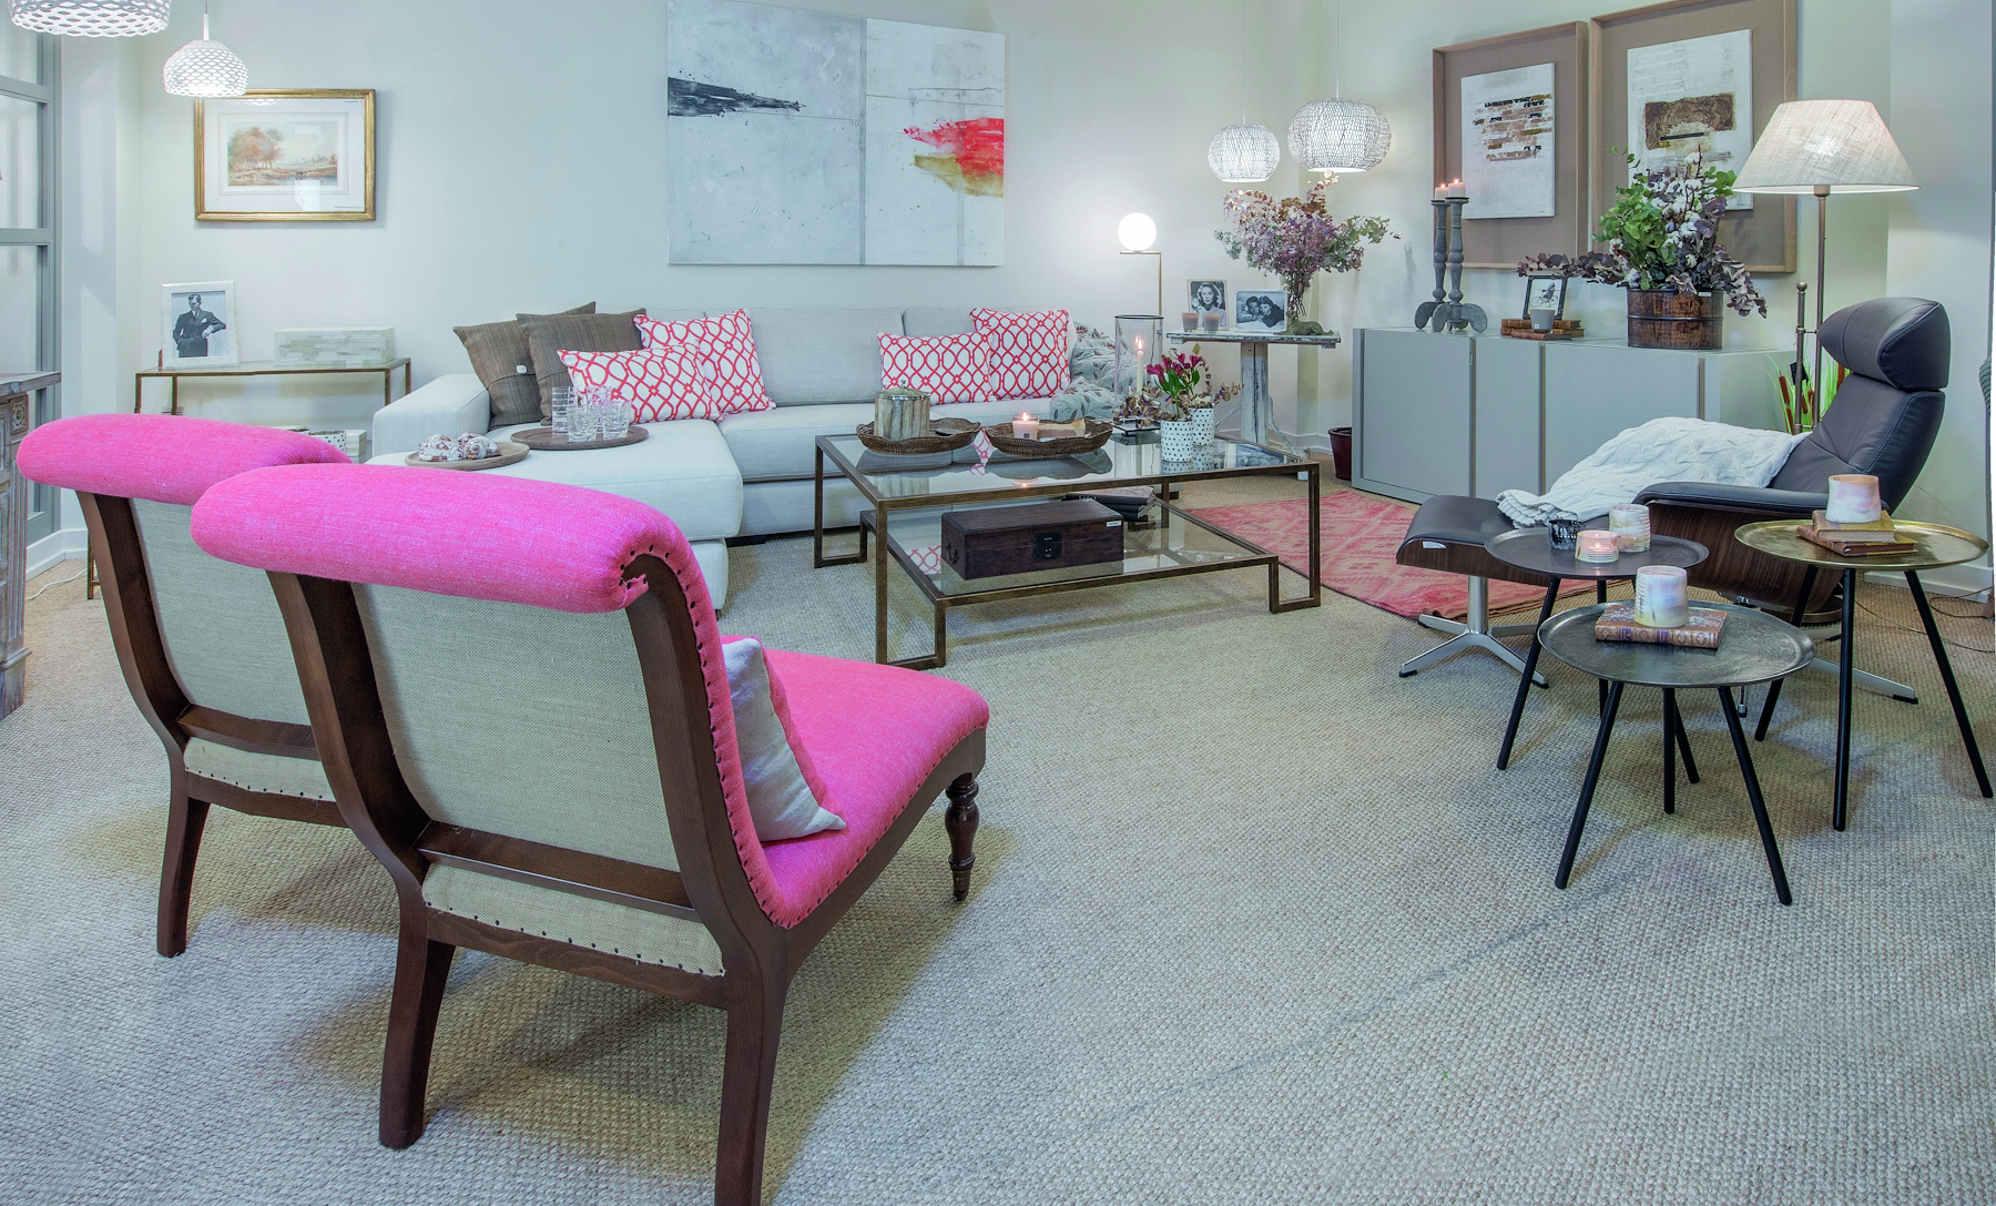 Tiendas de decoraci n en sevilla vanguardia y estilo en p - Hogar decoracion sevilla ...